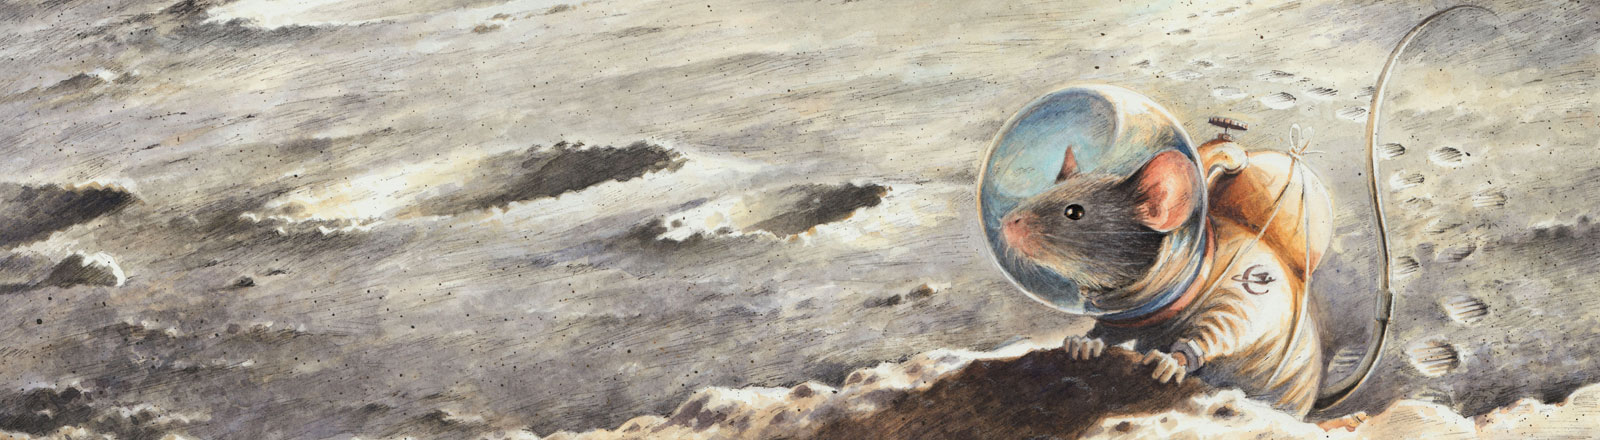 Zeichnung einer Maus im Raumanzug auf dem Mond